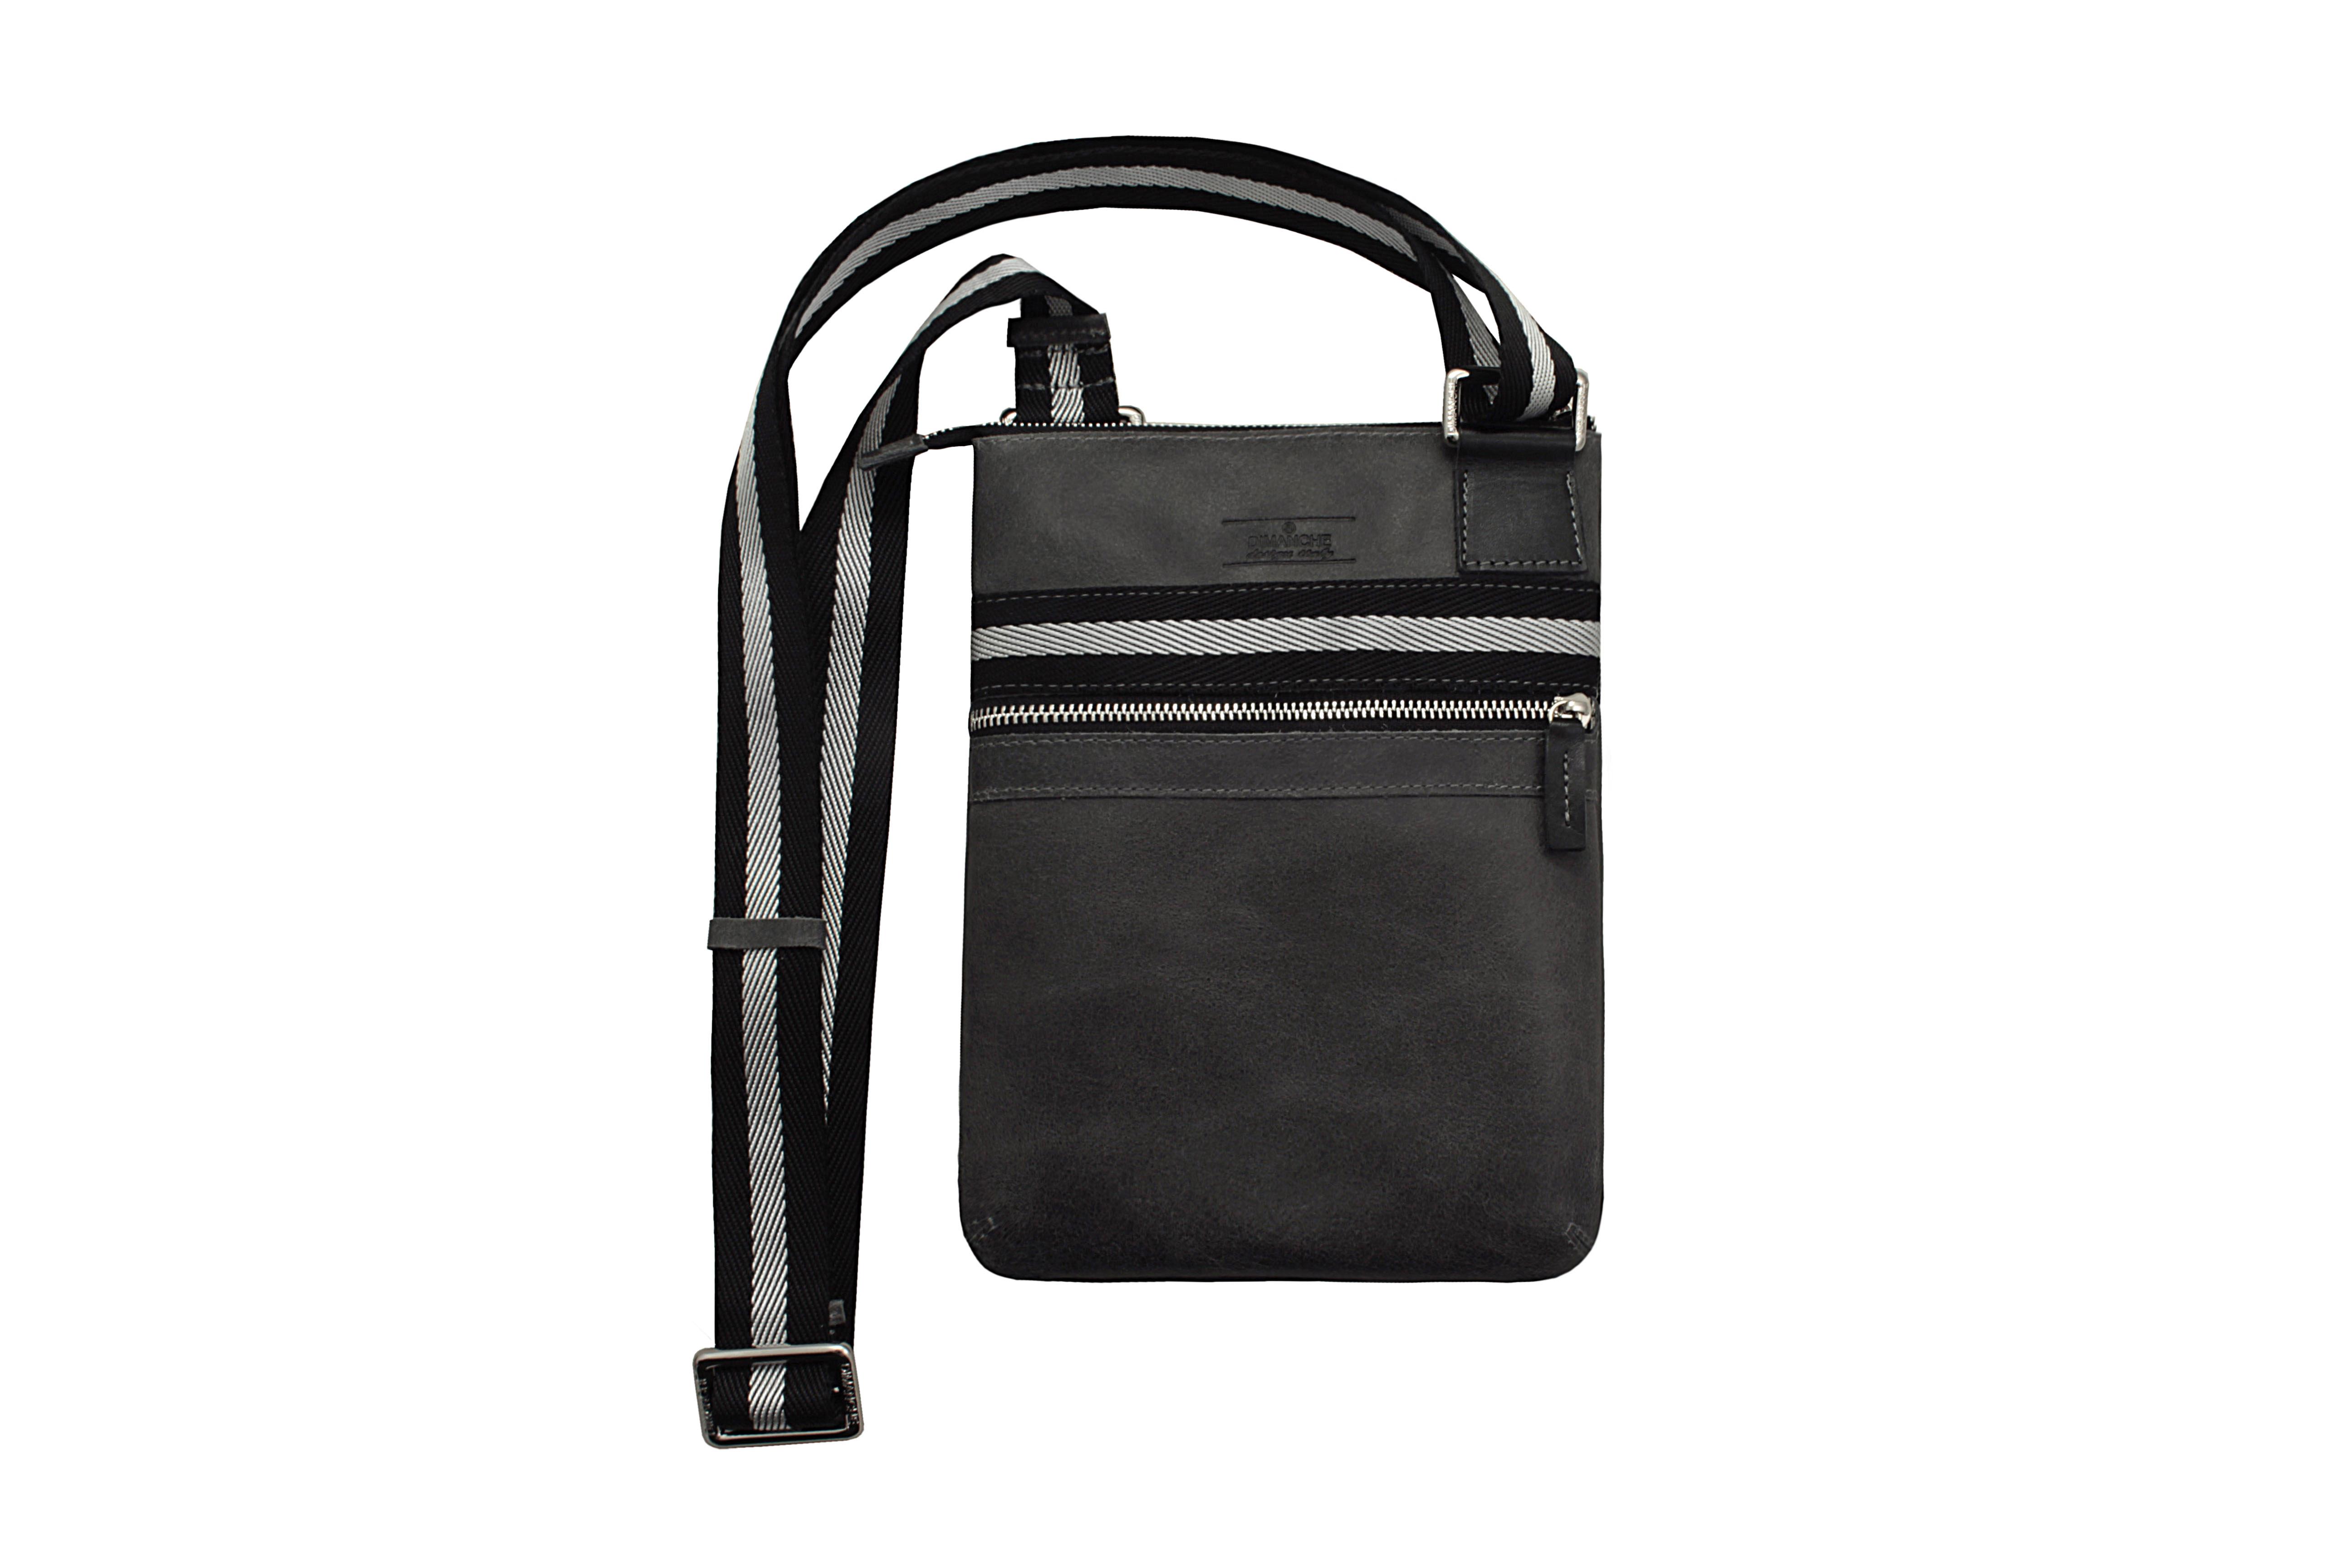 Сумка Dimanche, цвет: черный. 811/36_П811/36_ПСтильная удобная сумка-планшет. Одно отделение на молнии, внутри два кармана (один на молнии, второй открытый). На лицевой стороне есть карман на молнии. Текстильный ремень регулируется по длине.